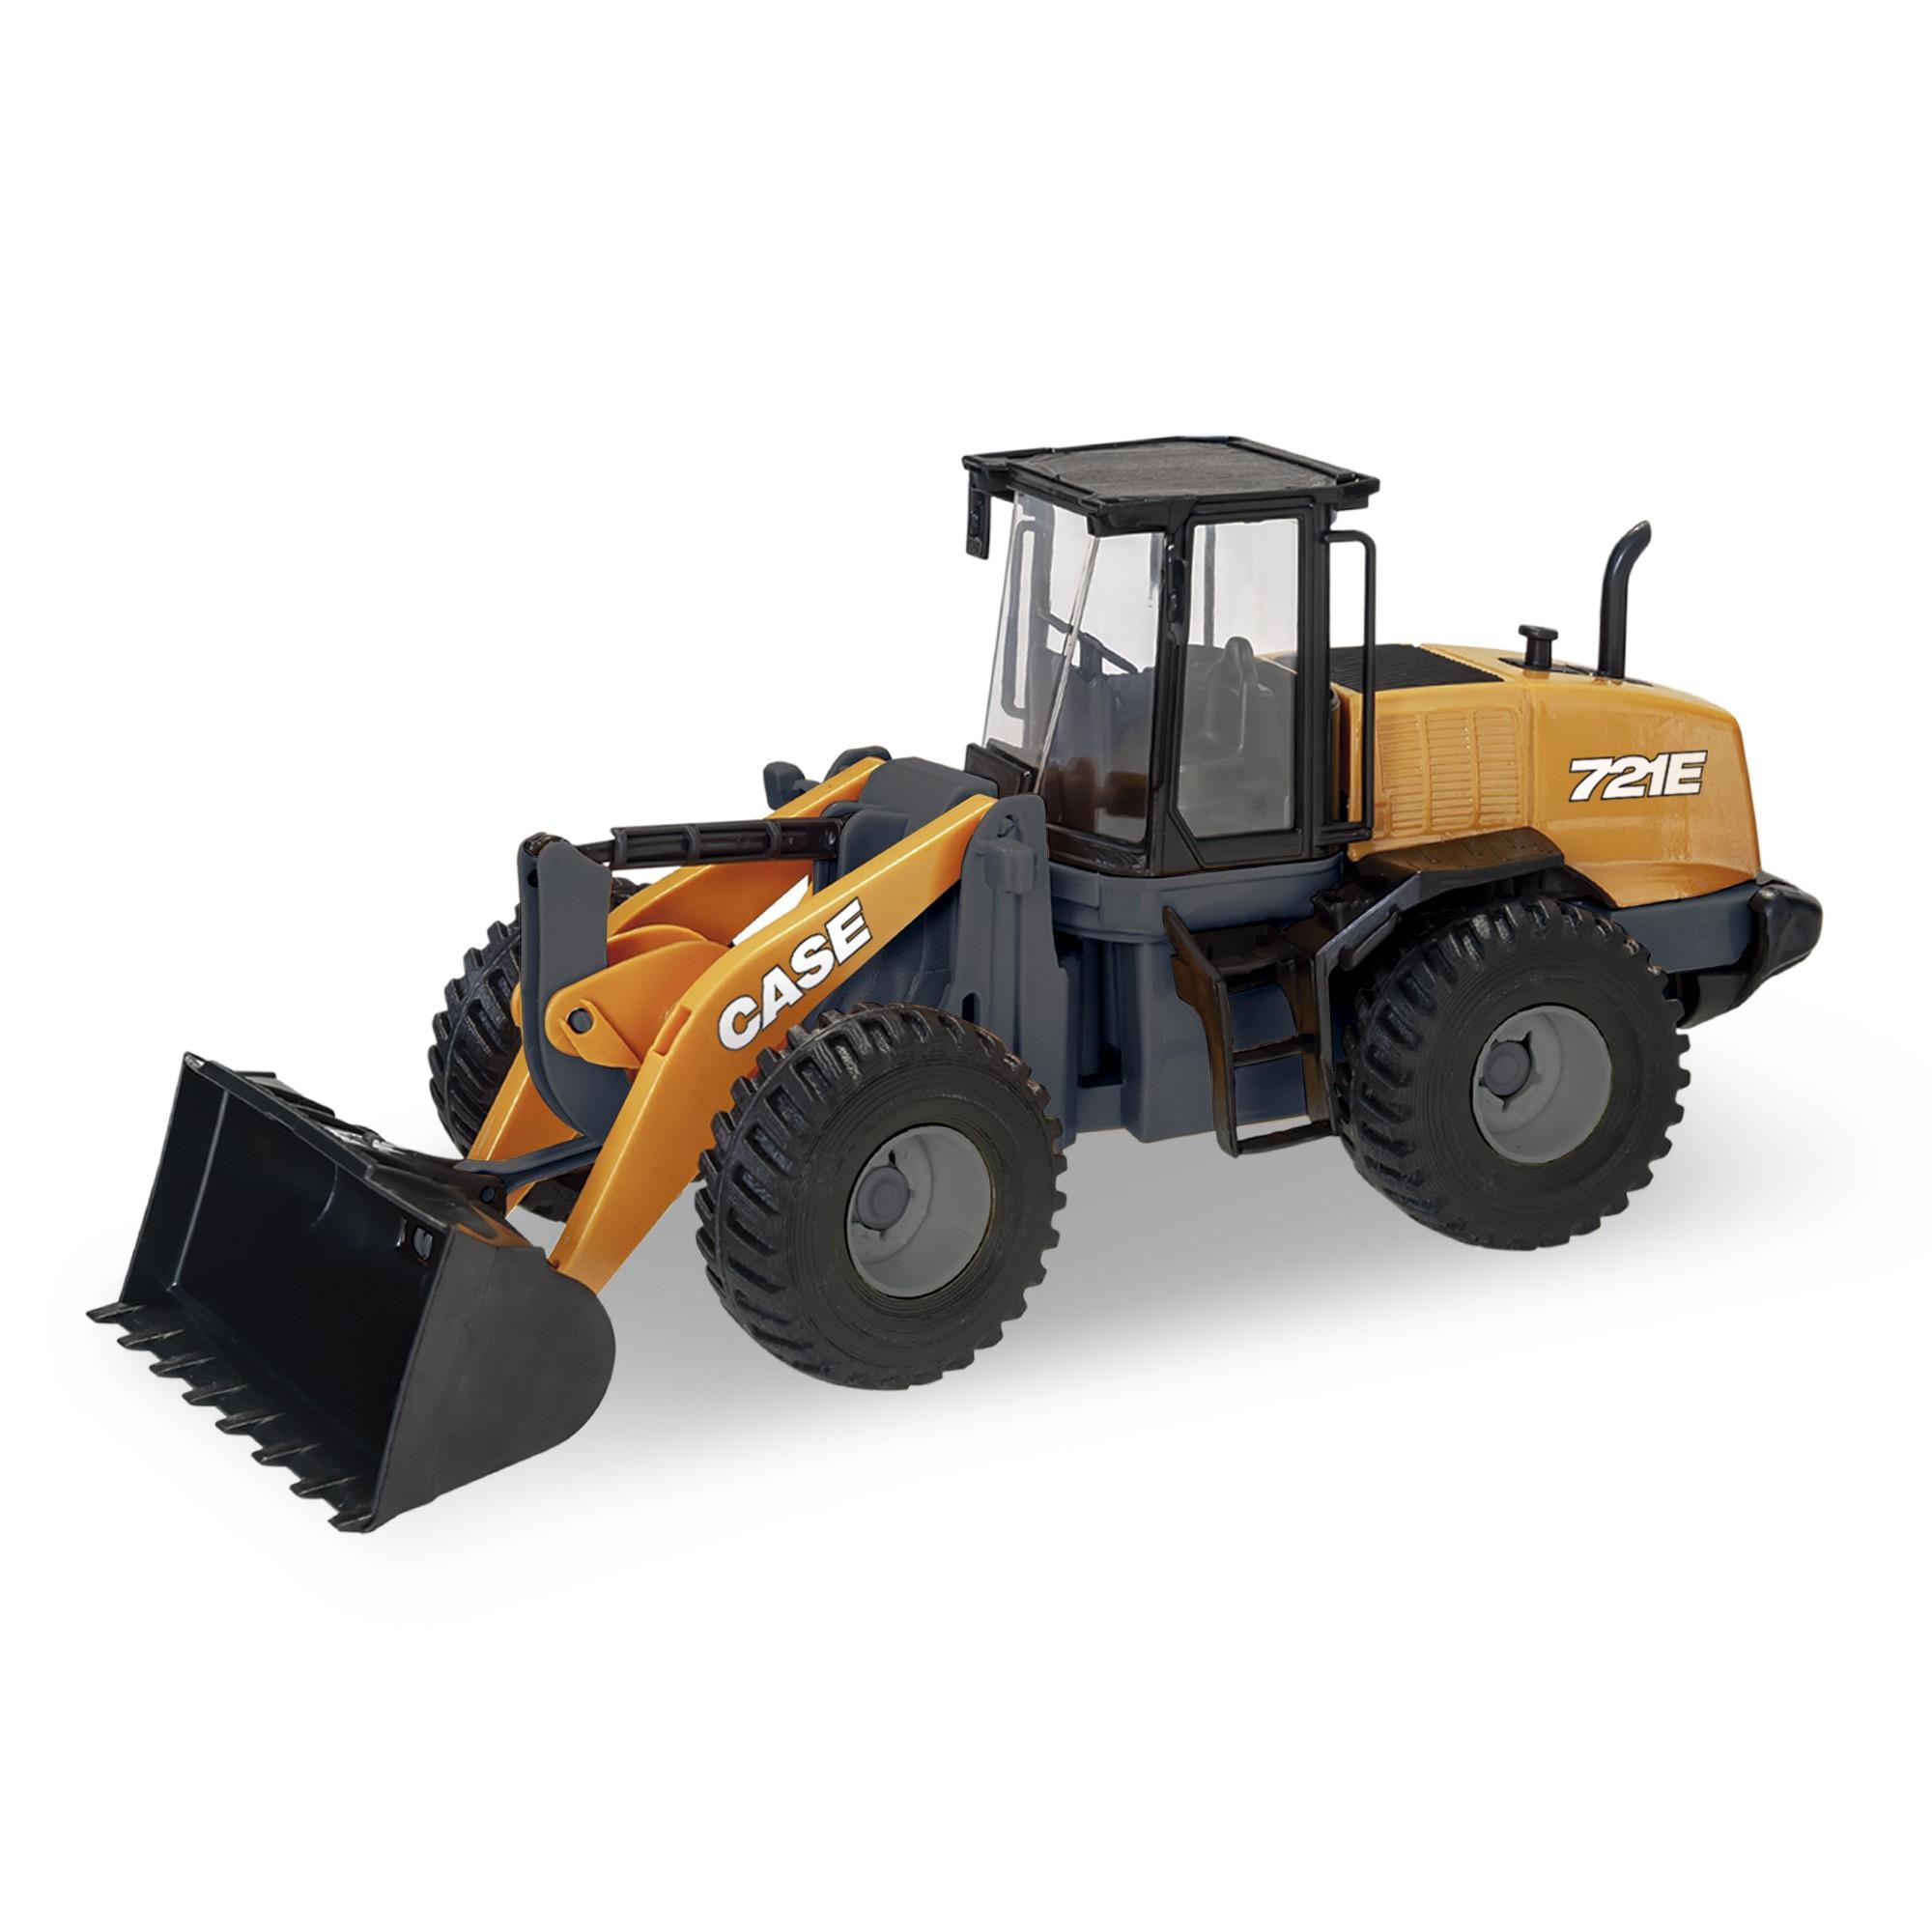 Trator Pá Carregadeira 721E - Case Construction - Usual Brinquedos